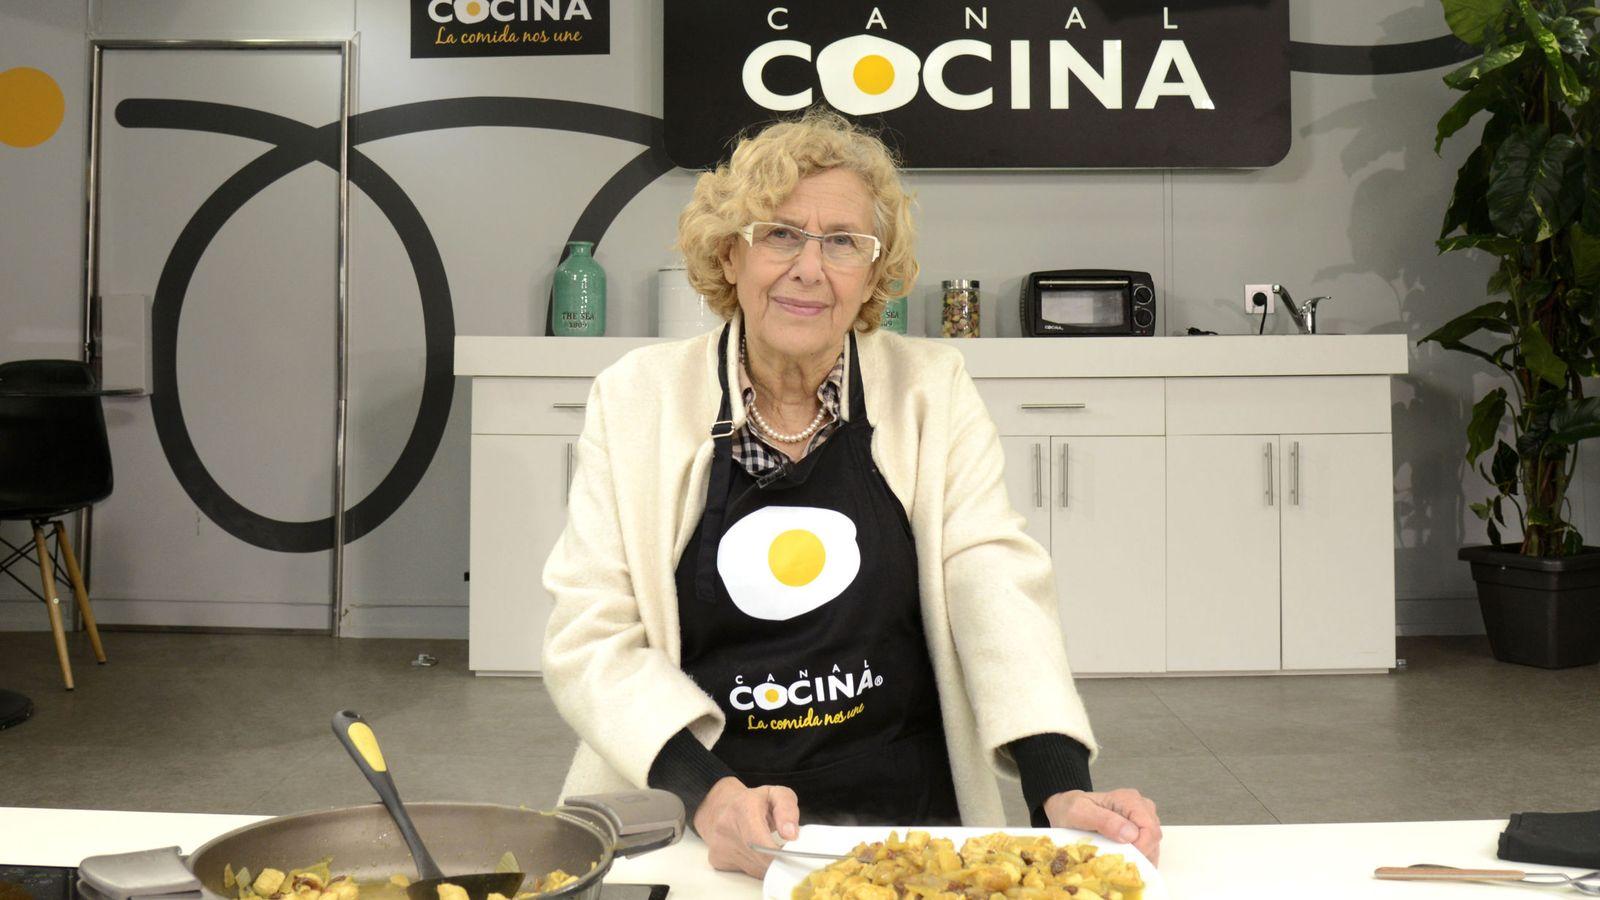 Manuela carmena para canal cocina for Canal cocina cocina de familia